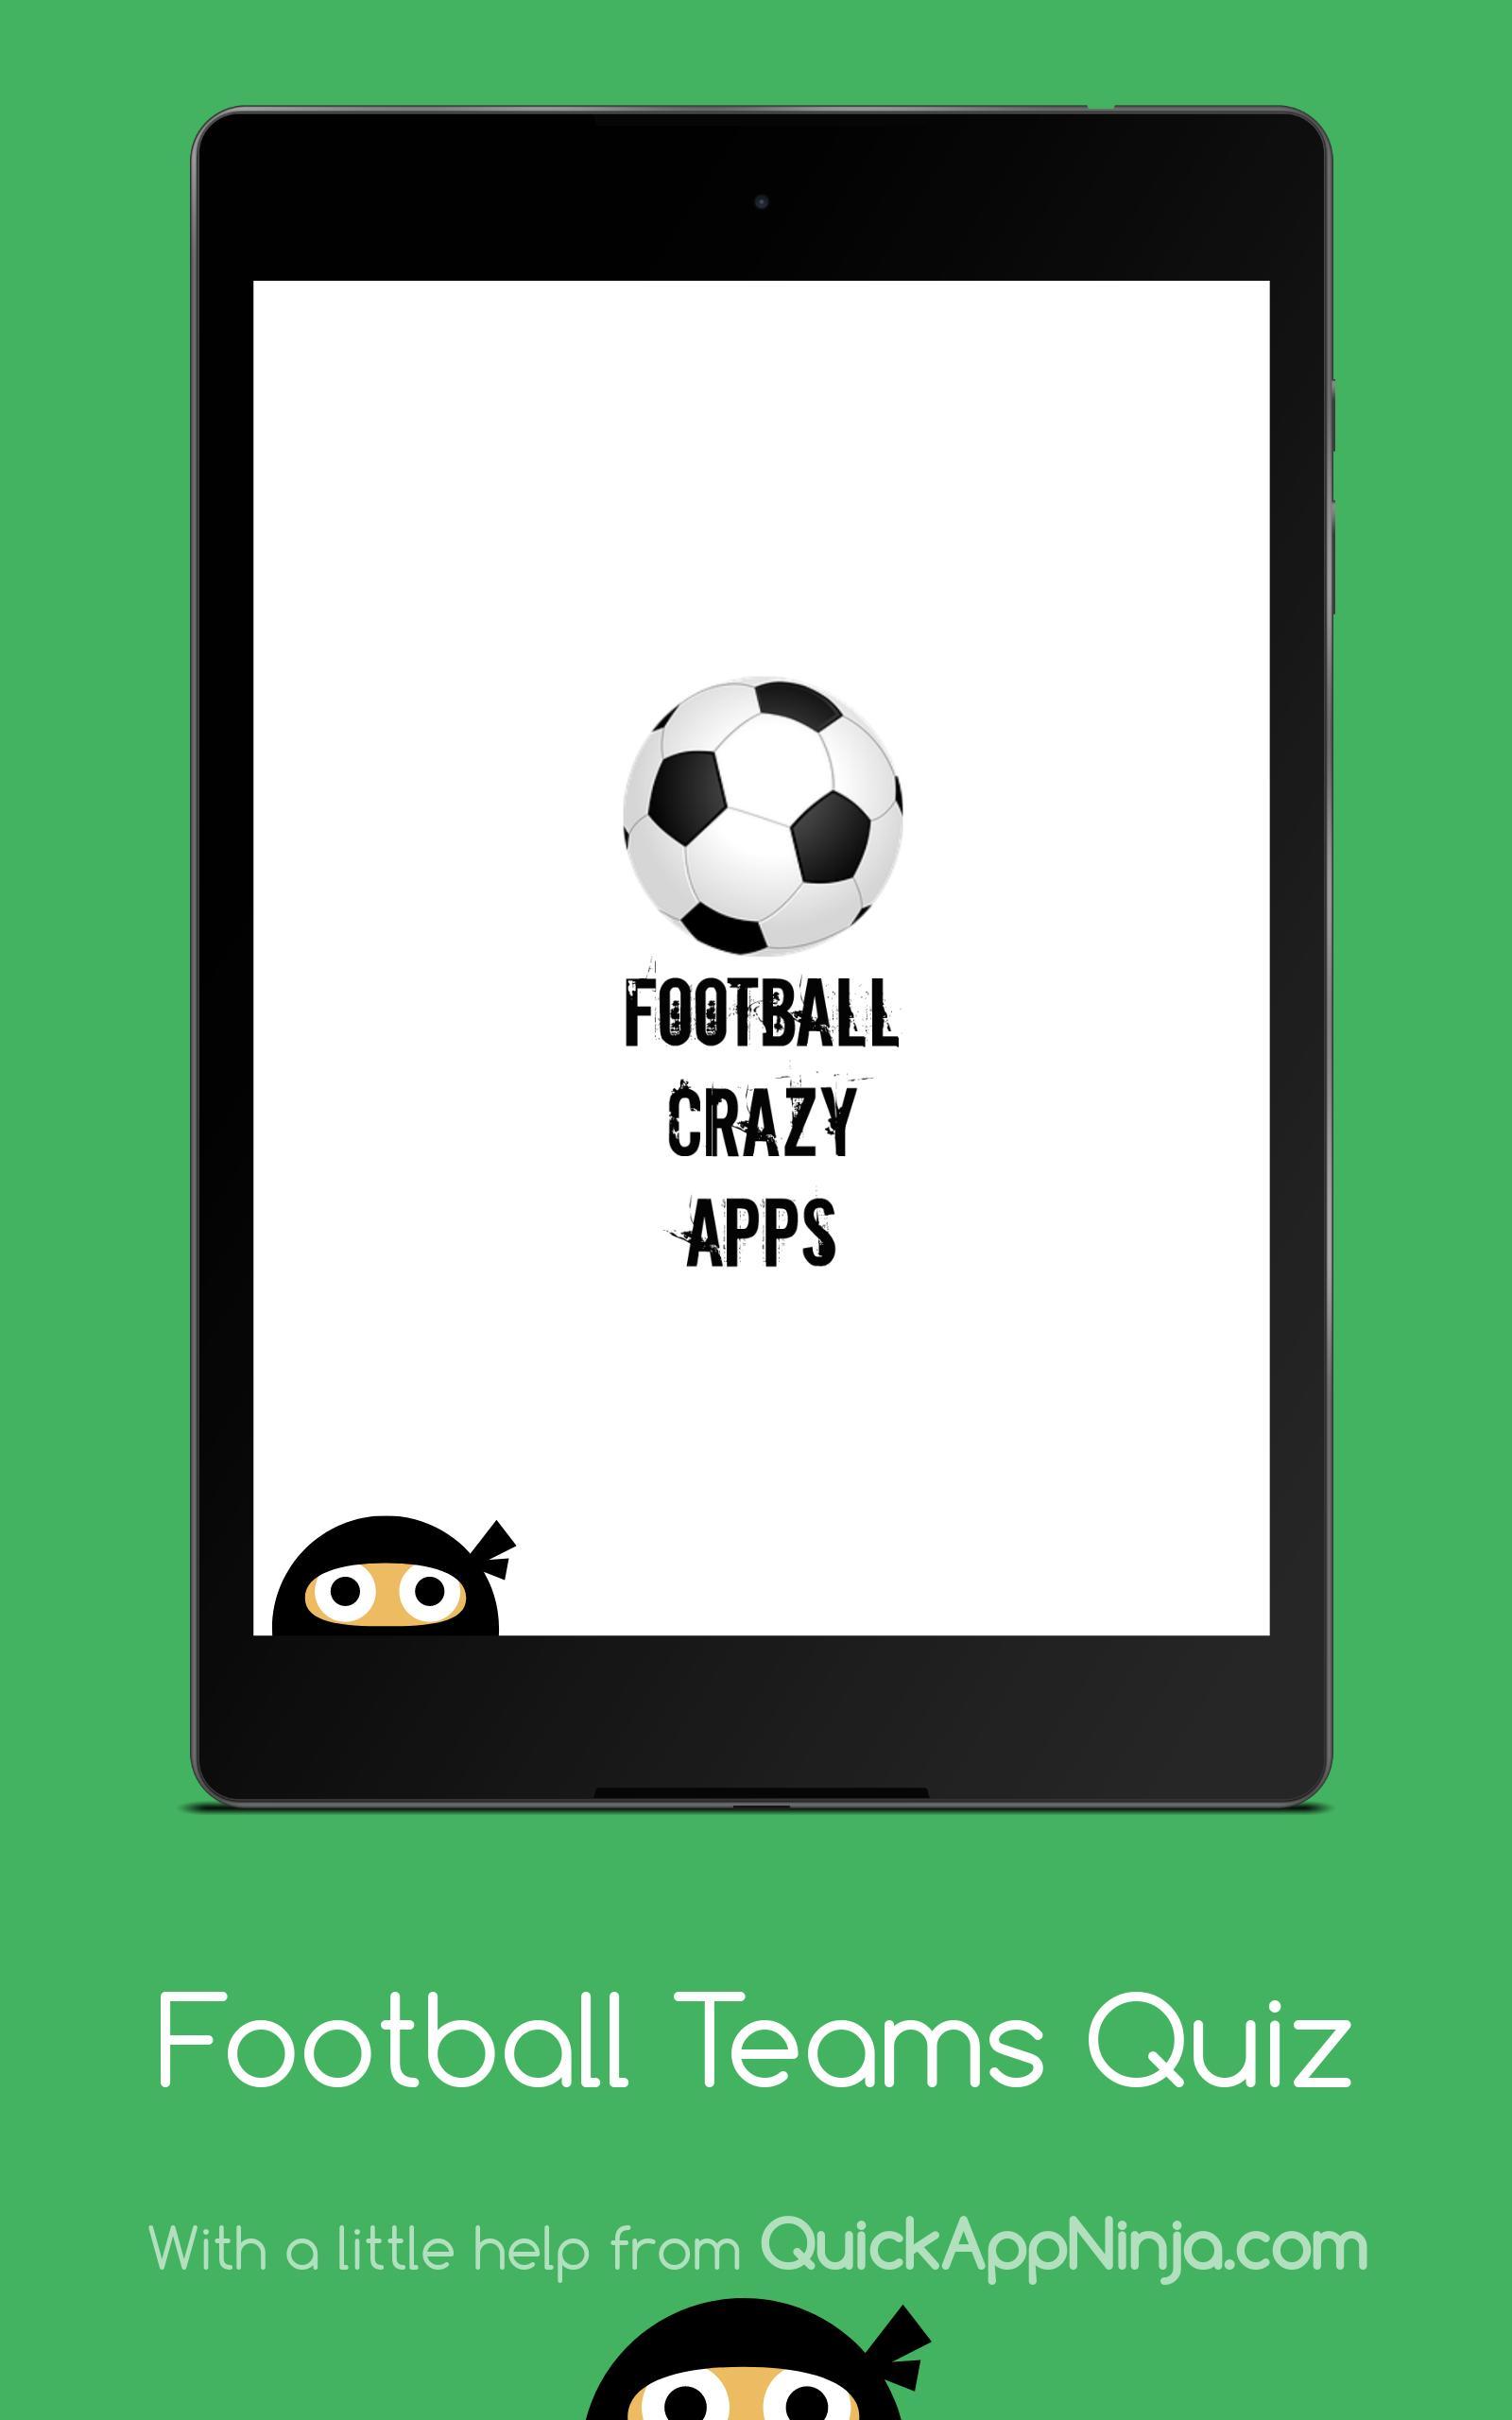 Football Teams Quiz 7 تصوير الشاشة